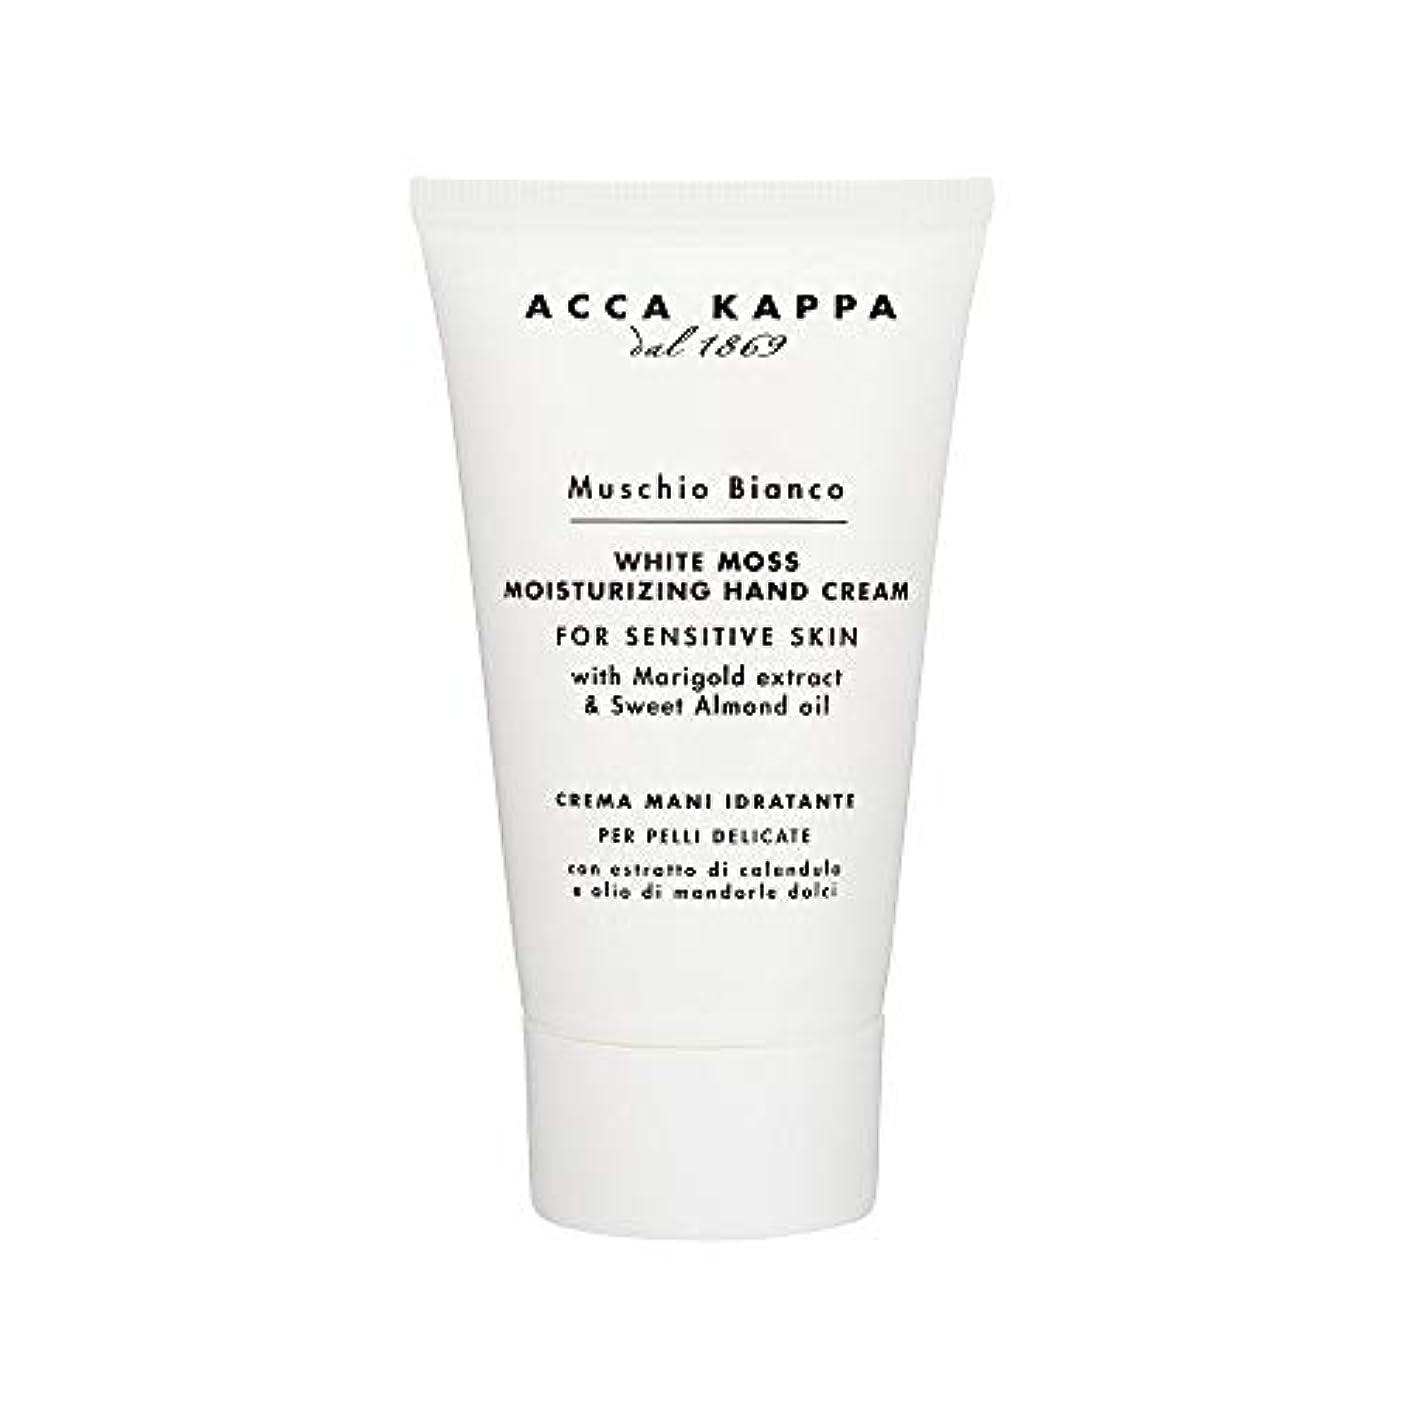 芝生破壊的な決定acca kappa ホワイトモスハンドクリーム 75ml [801208] [並行輸入品]